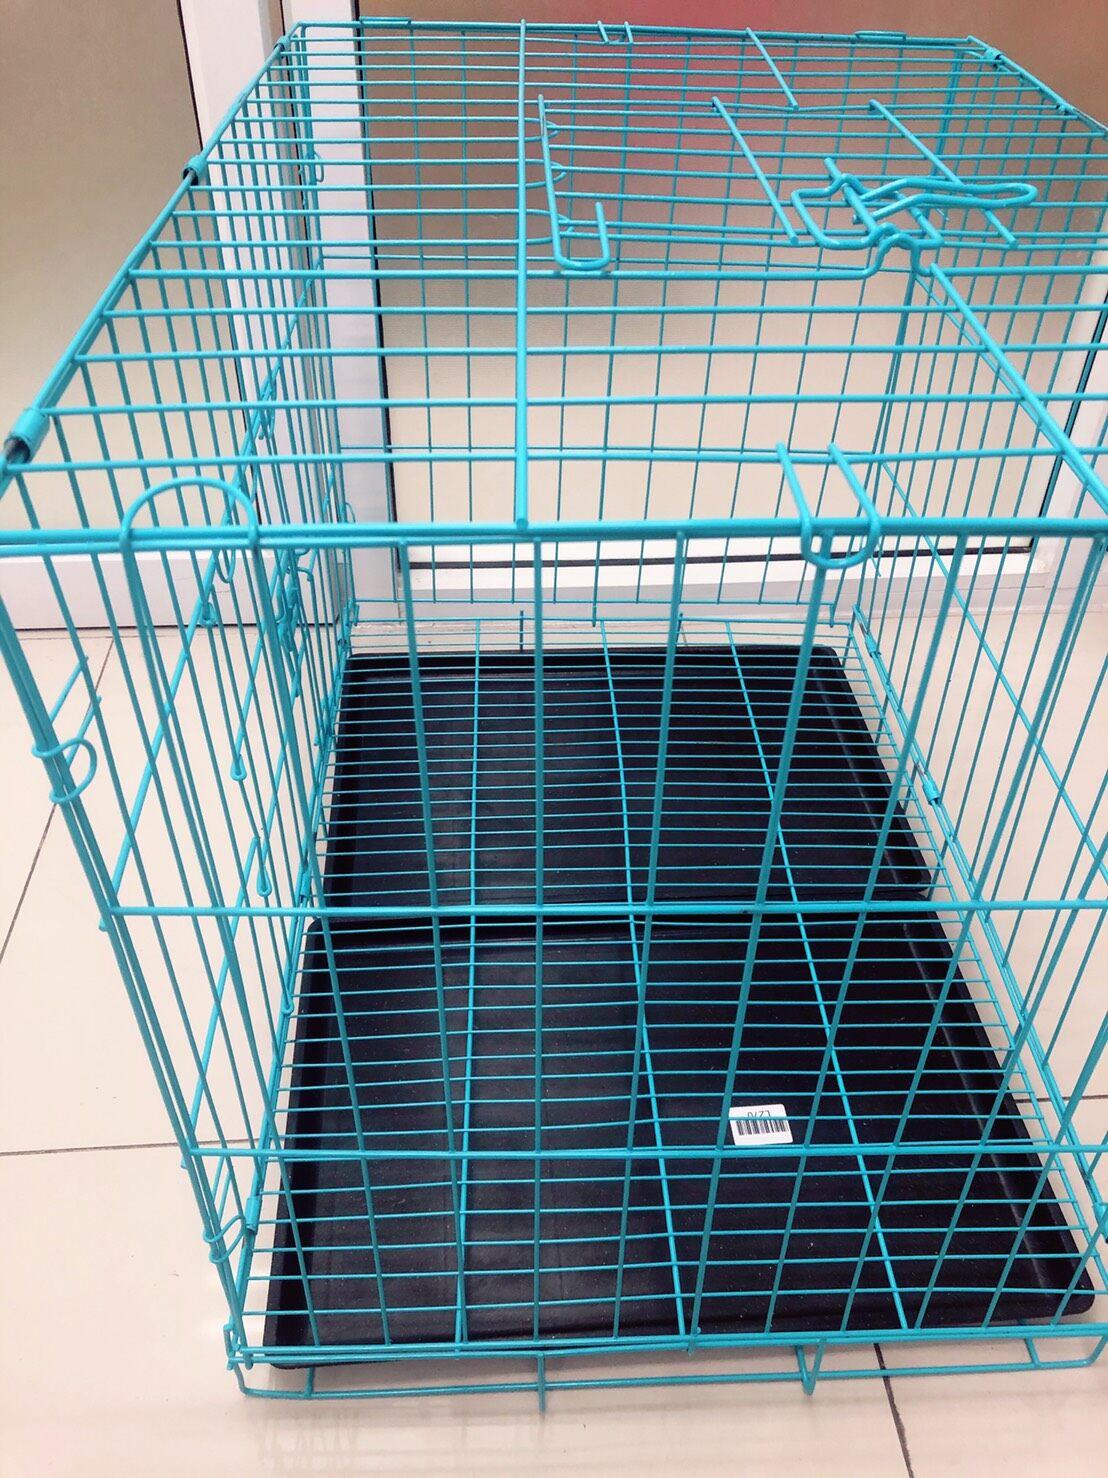 กรงสุนัข กรงแมว กรงสัตว์เลี้ยง สามารถเปิดได้ฝาบน มีถาด สีดำ ขนาด 60*42*50 Cm สินค้าพร้อมส่ง.